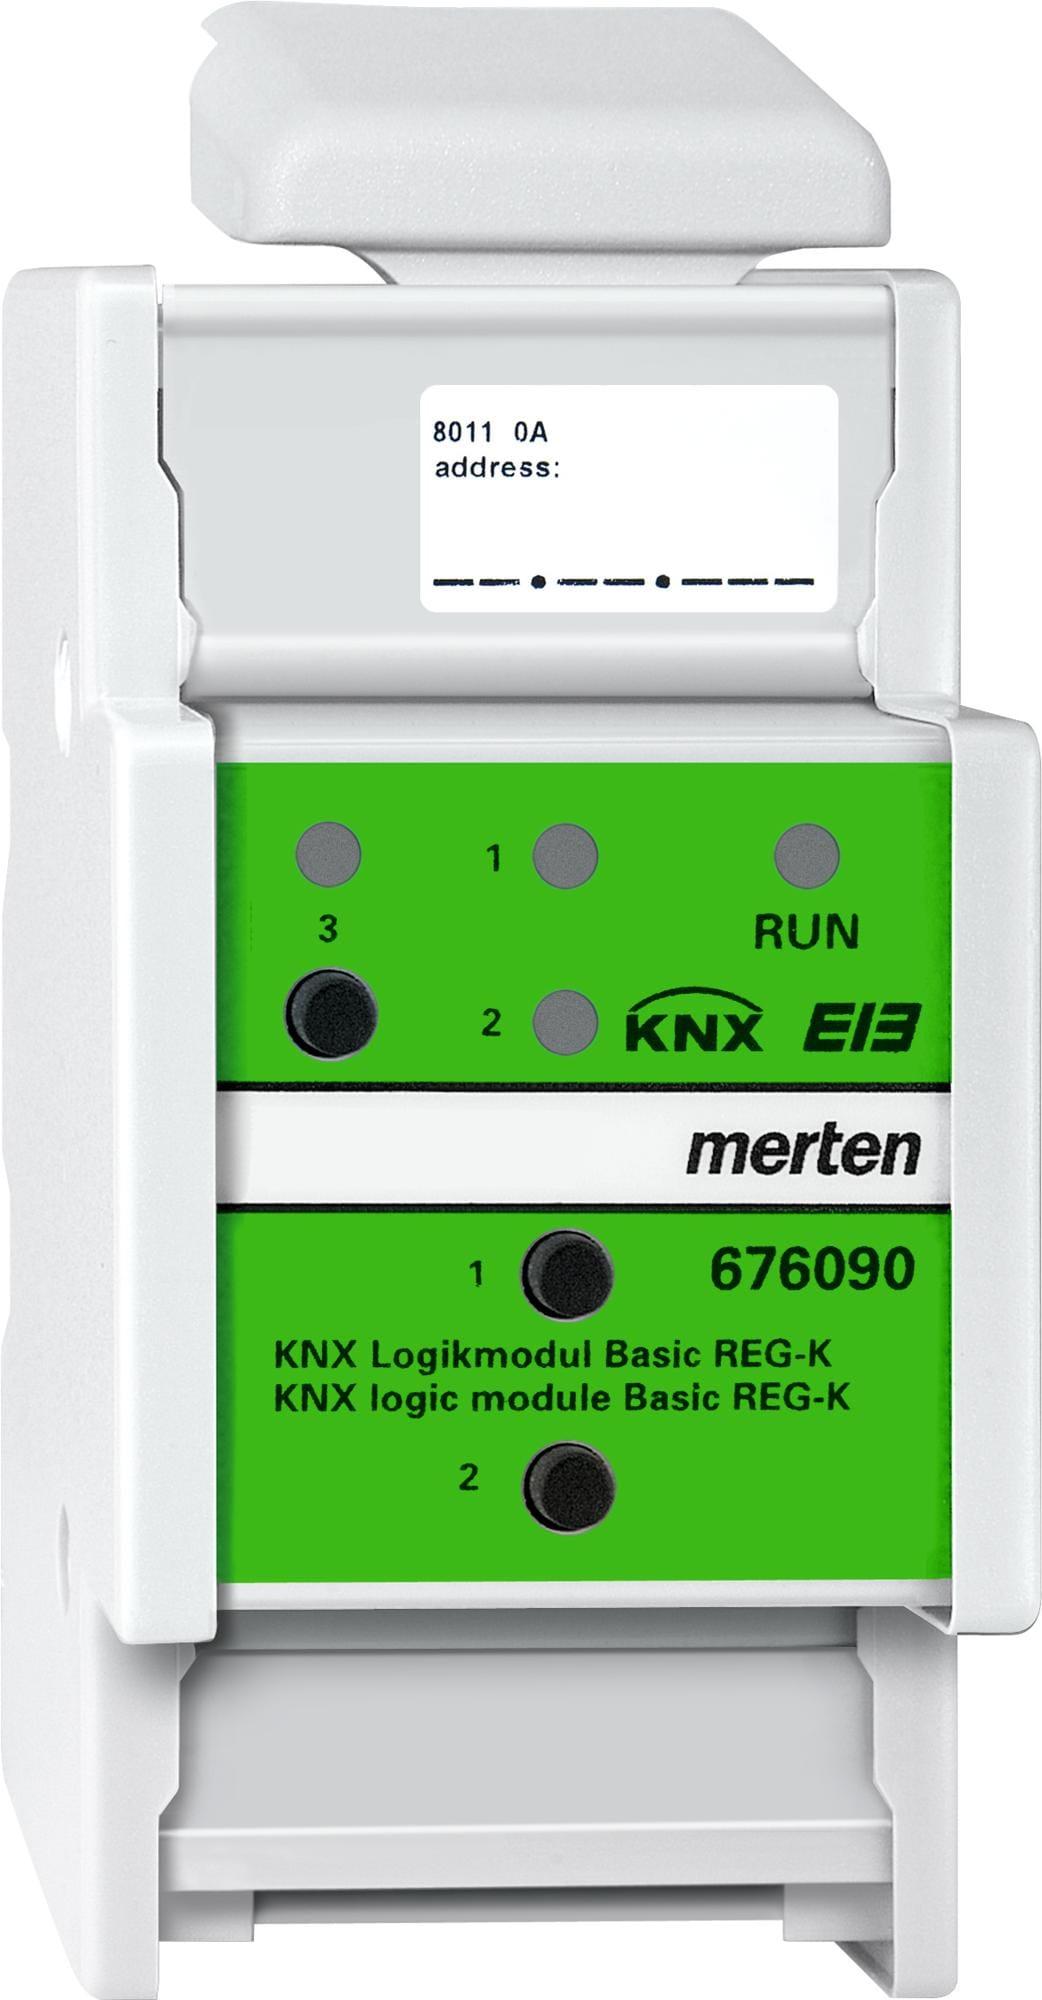 knx logikmodul basic reg k lichtgrau systemger te merten 676090 von merten premium bei. Black Bedroom Furniture Sets. Home Design Ideas